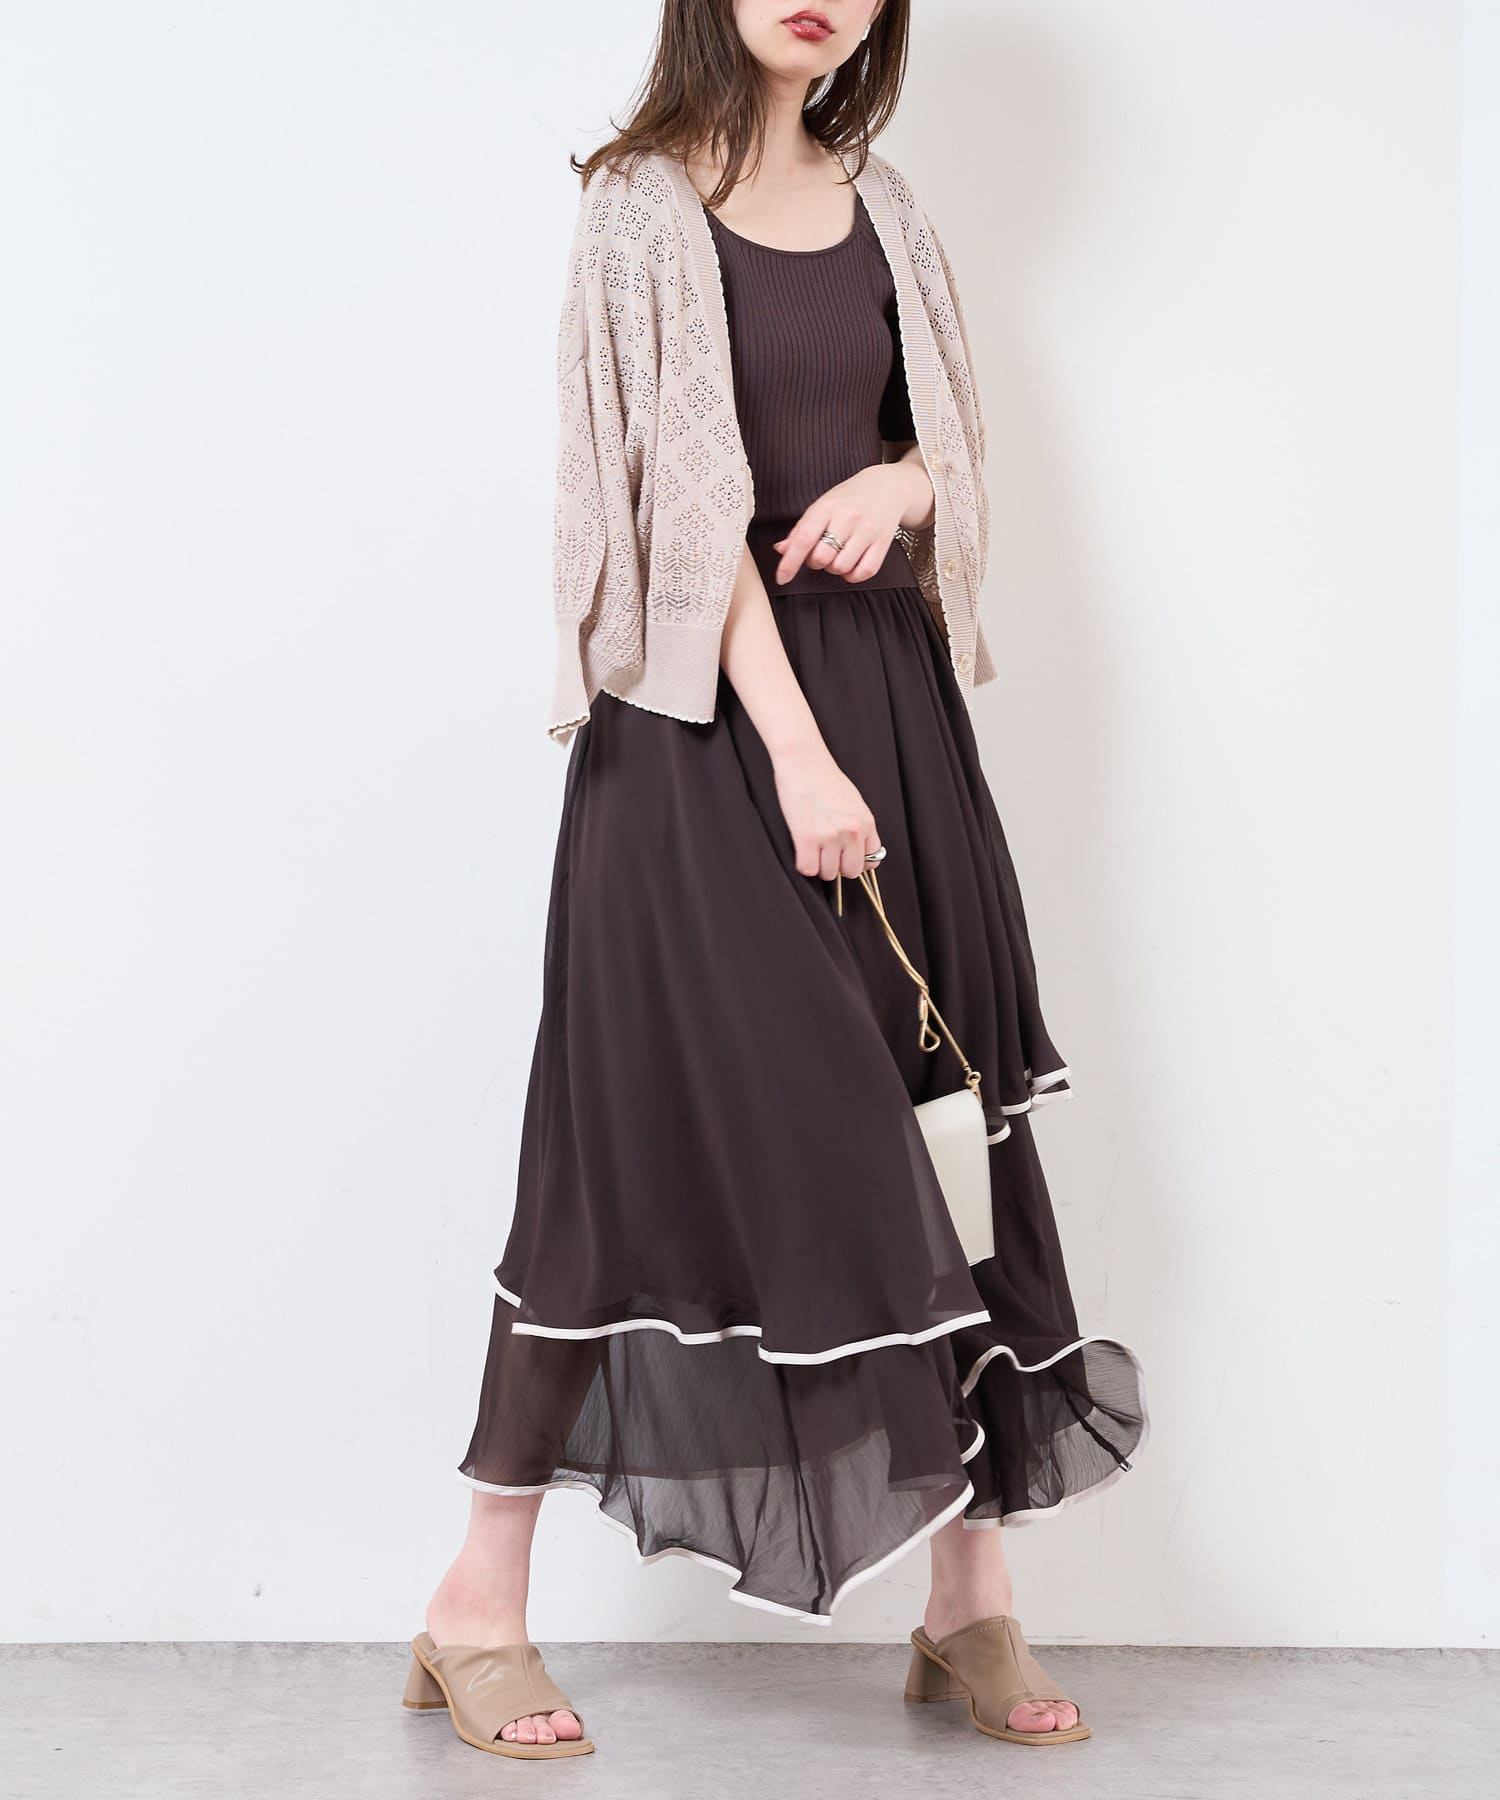 natural couture(ナチュラルクチュール) 【WEB限定】ランダムヘムニットドッキングワンピース